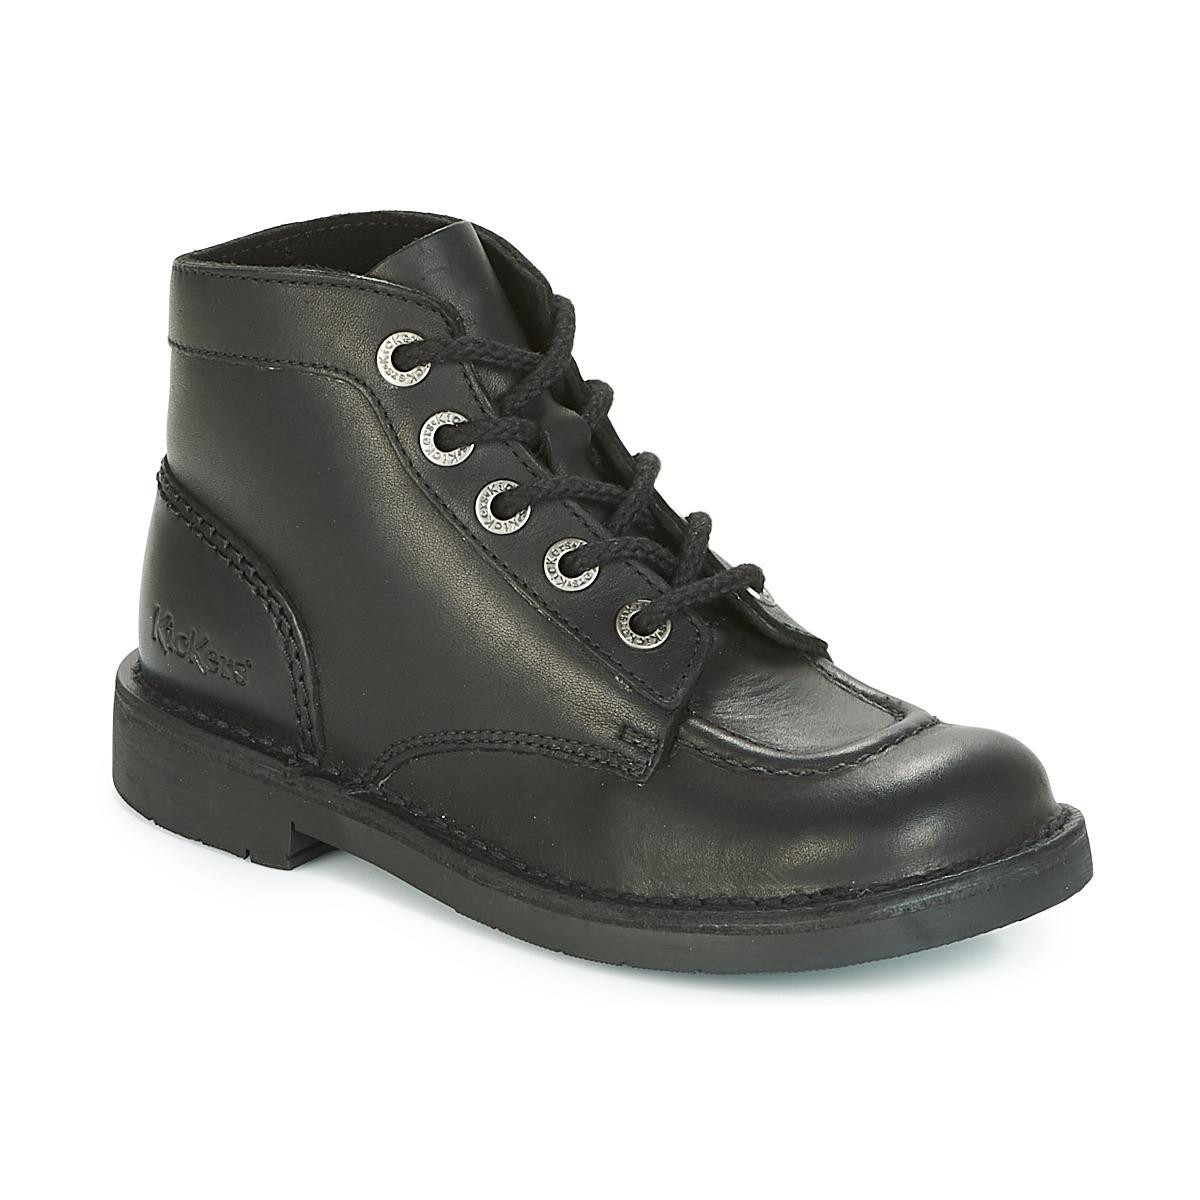 bottine femme - grand choix de bottines / boots - livraison